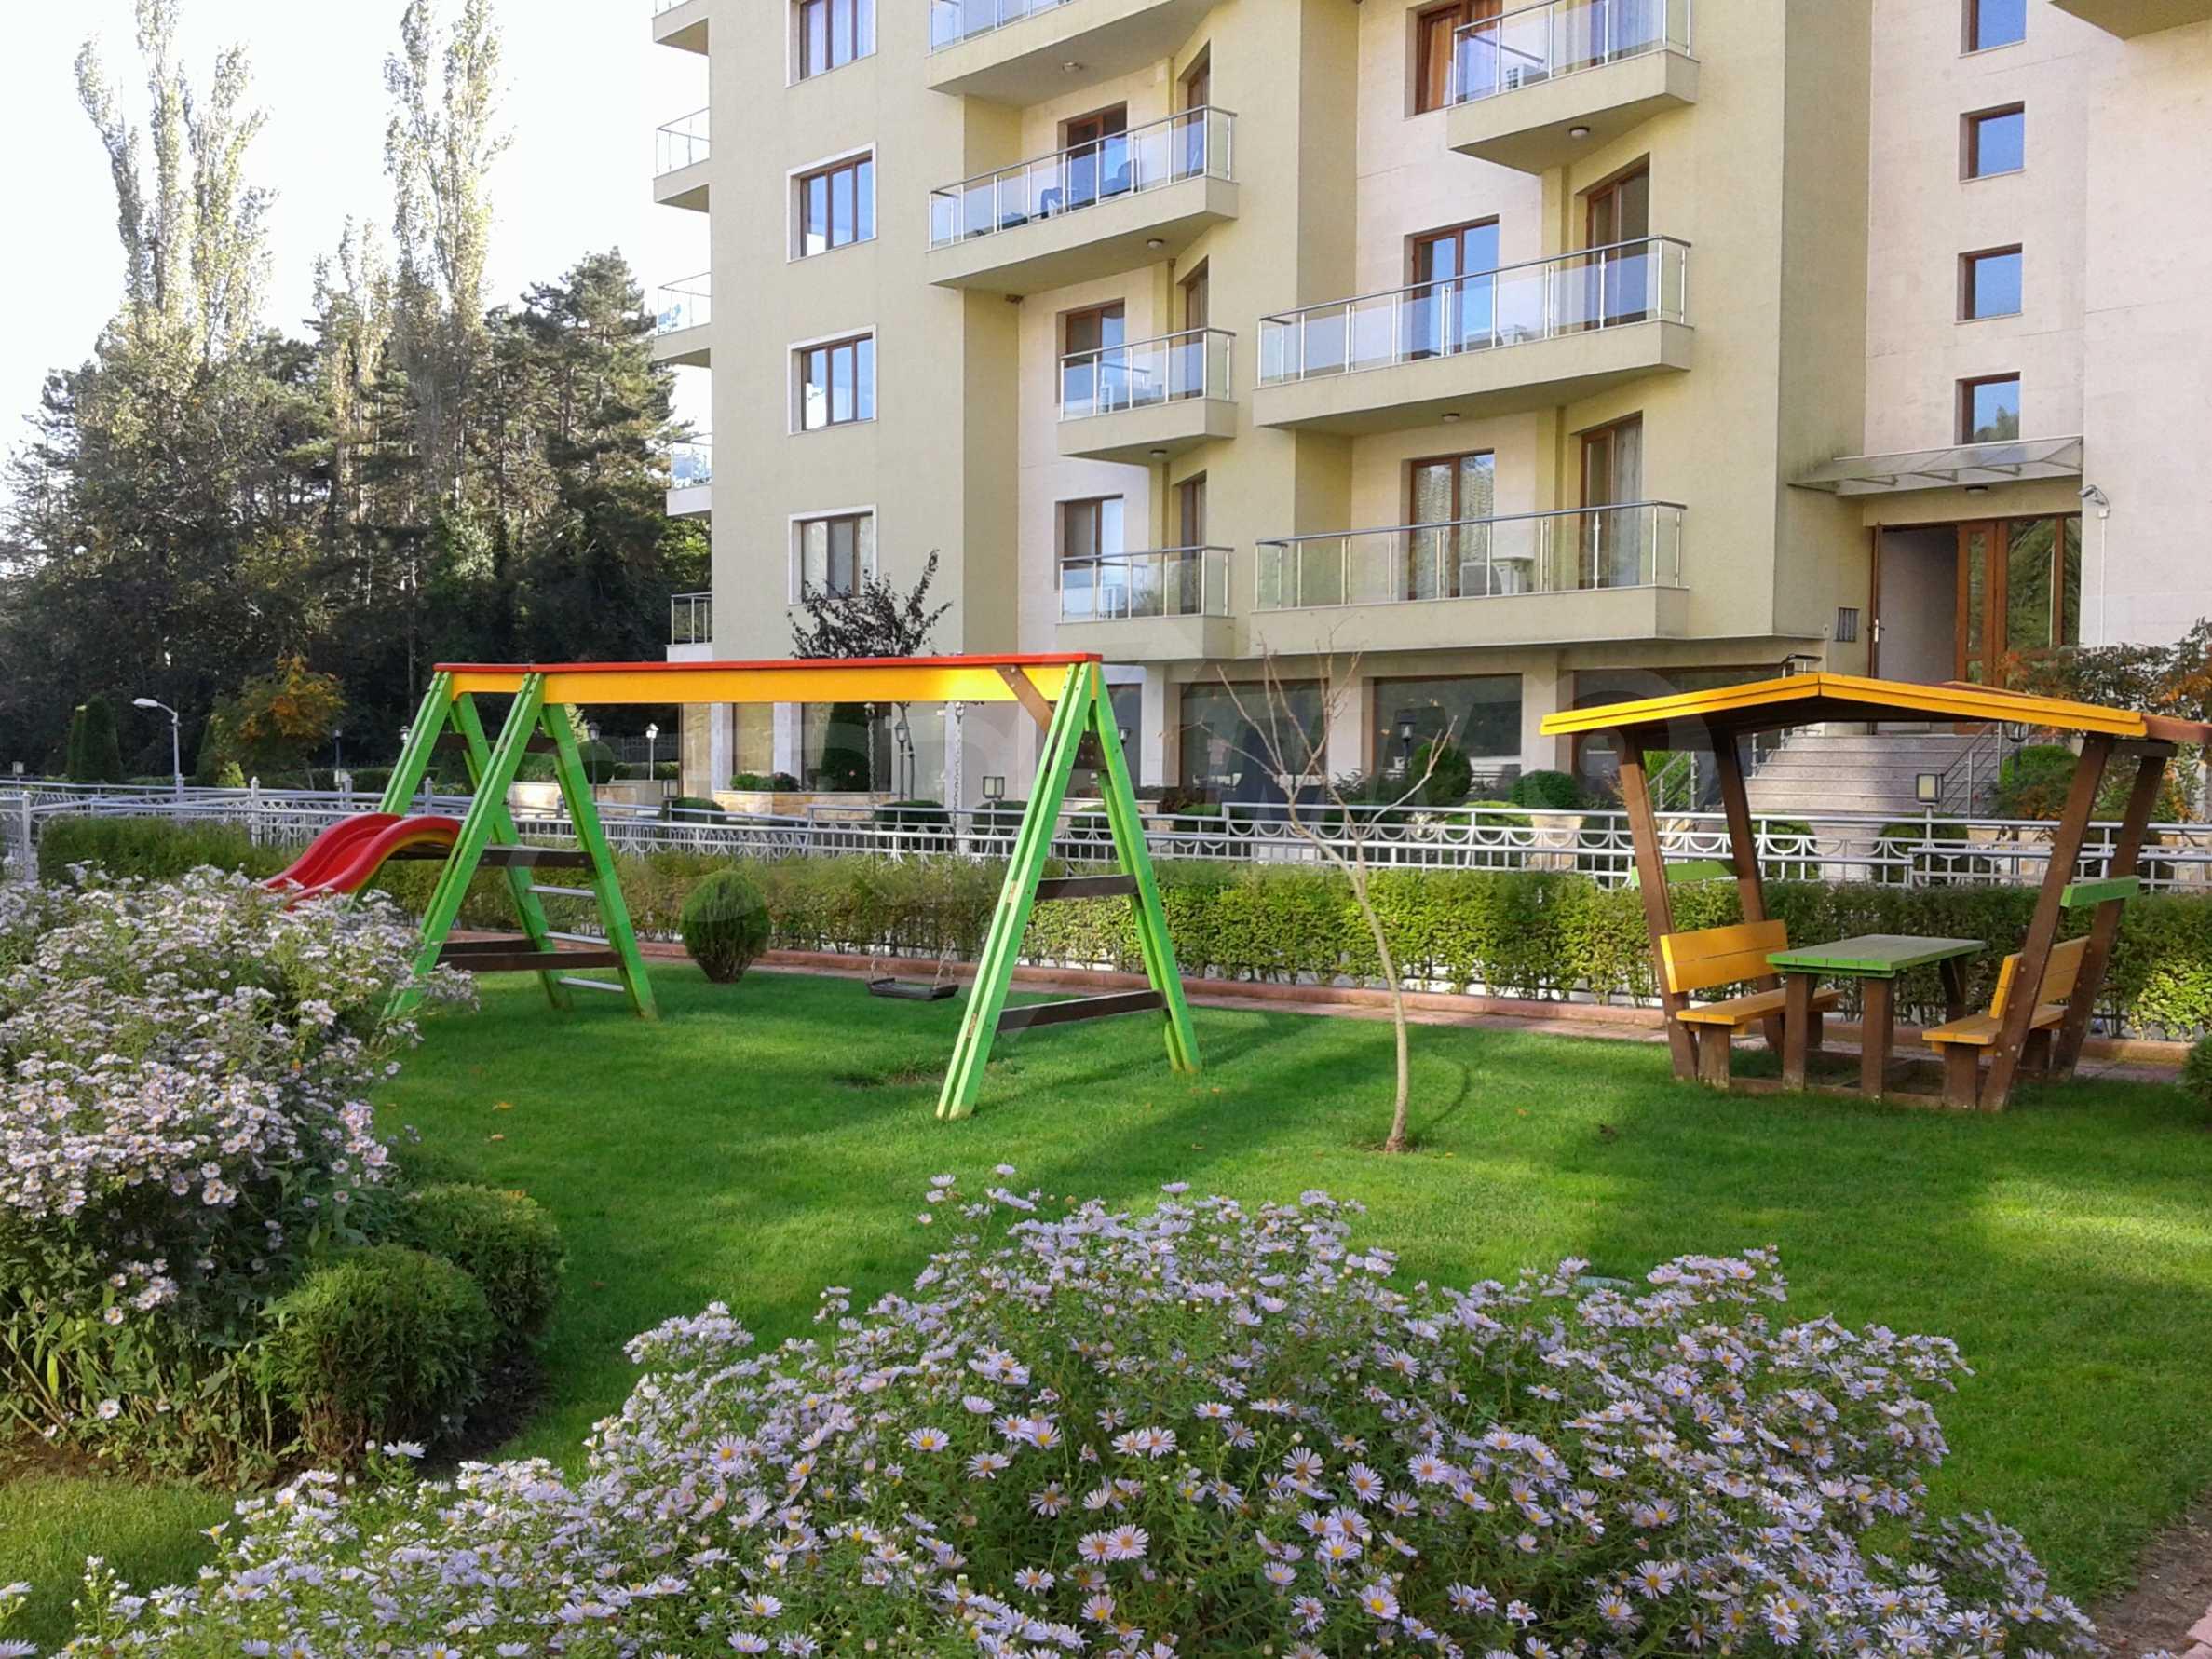 Апартаменти до ключ в комплекс до Ботаническата градина и Св. Константин и Елена 2